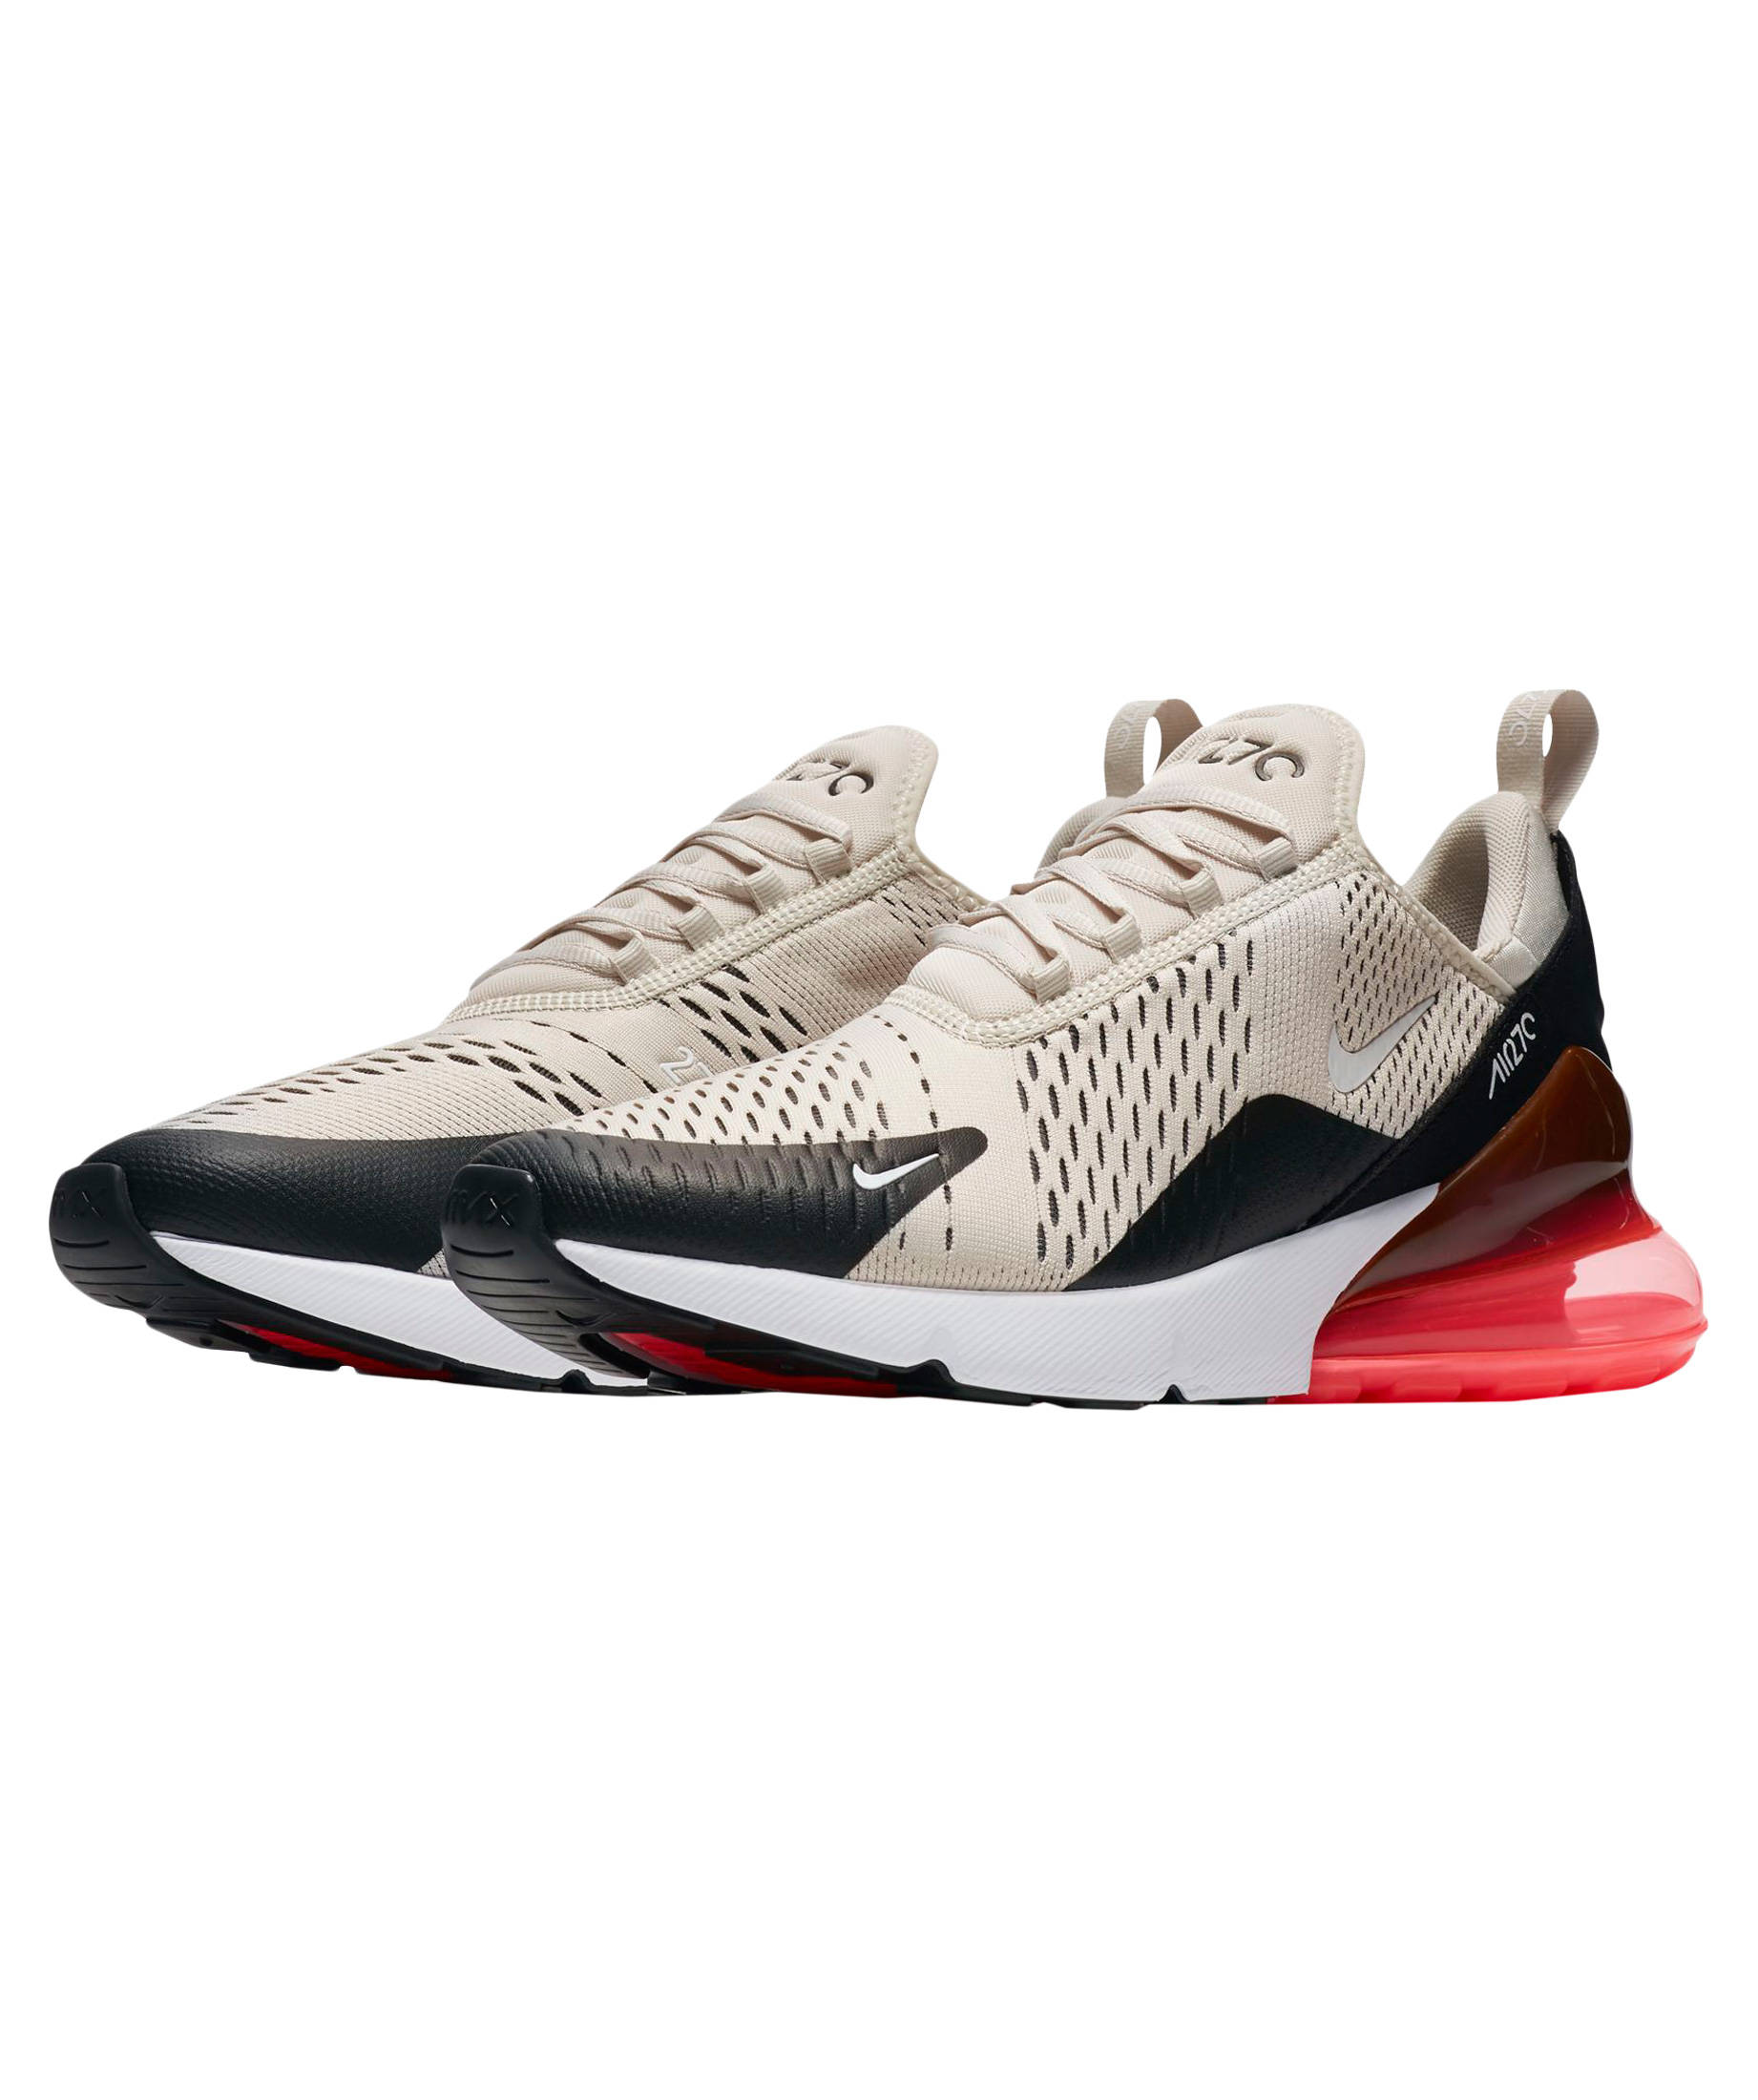 Sneaker Sportswear Sportswear Herren Nike Sneaker Nike Nike Herren fv7g6IYby